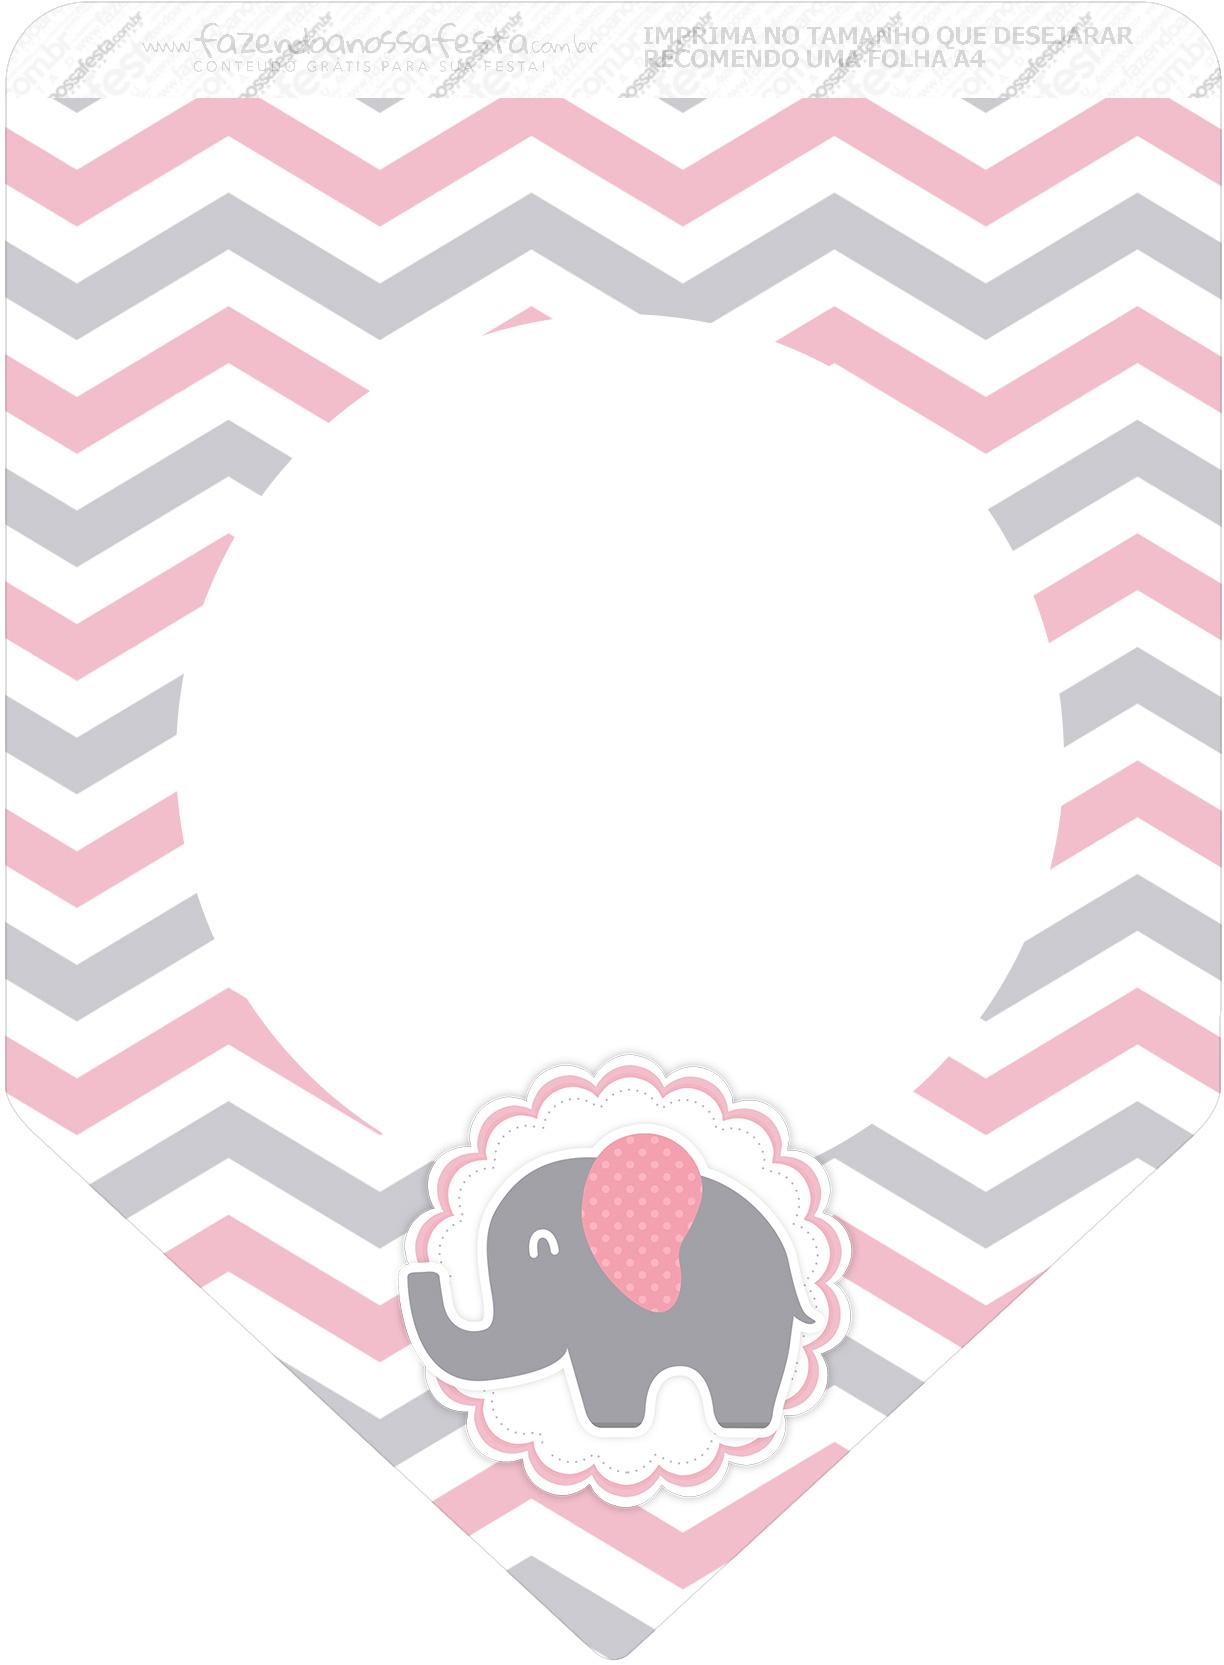 Bandeirinha Varalzinho 3 Elefantinho Rosa e Cinza Chevron